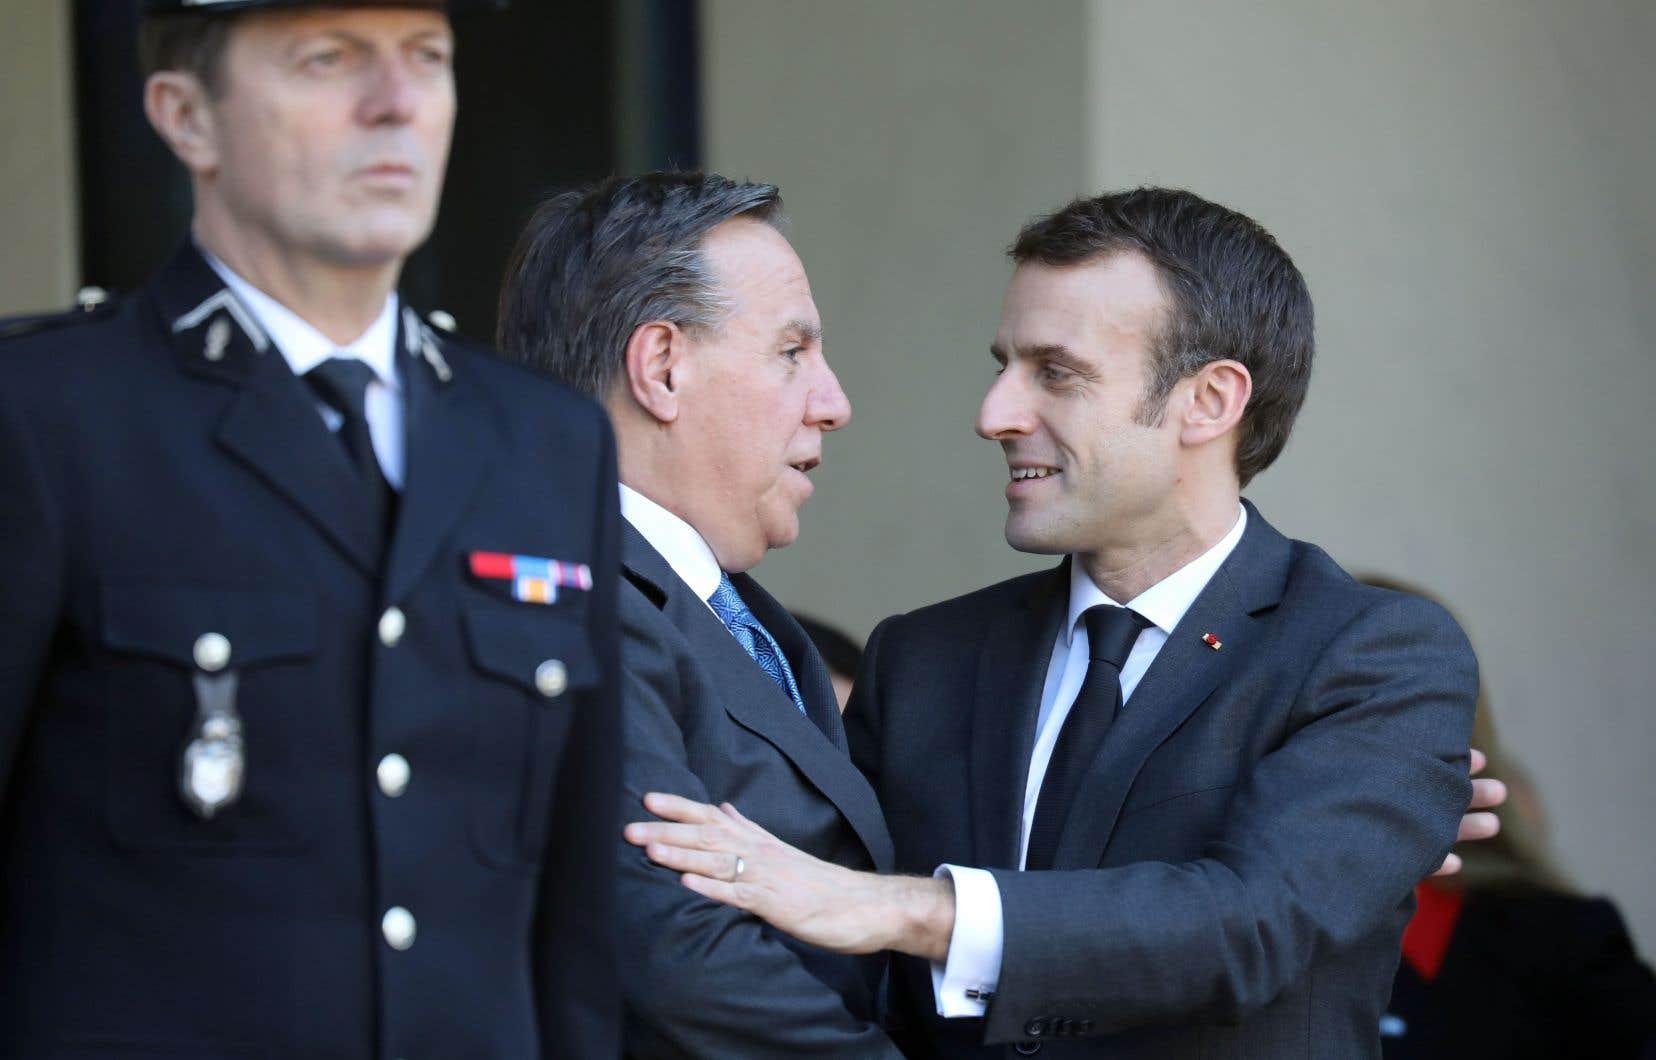 Le président Emmanuel Macron a réservé un accueil chaleureux à François Legault, lundi à Paris, à l'occasion de la première visite officielle du premier ministre québécois en France. M. Legault a aussi rencontré le premier ministre Édouard Philippe, à Matignon.